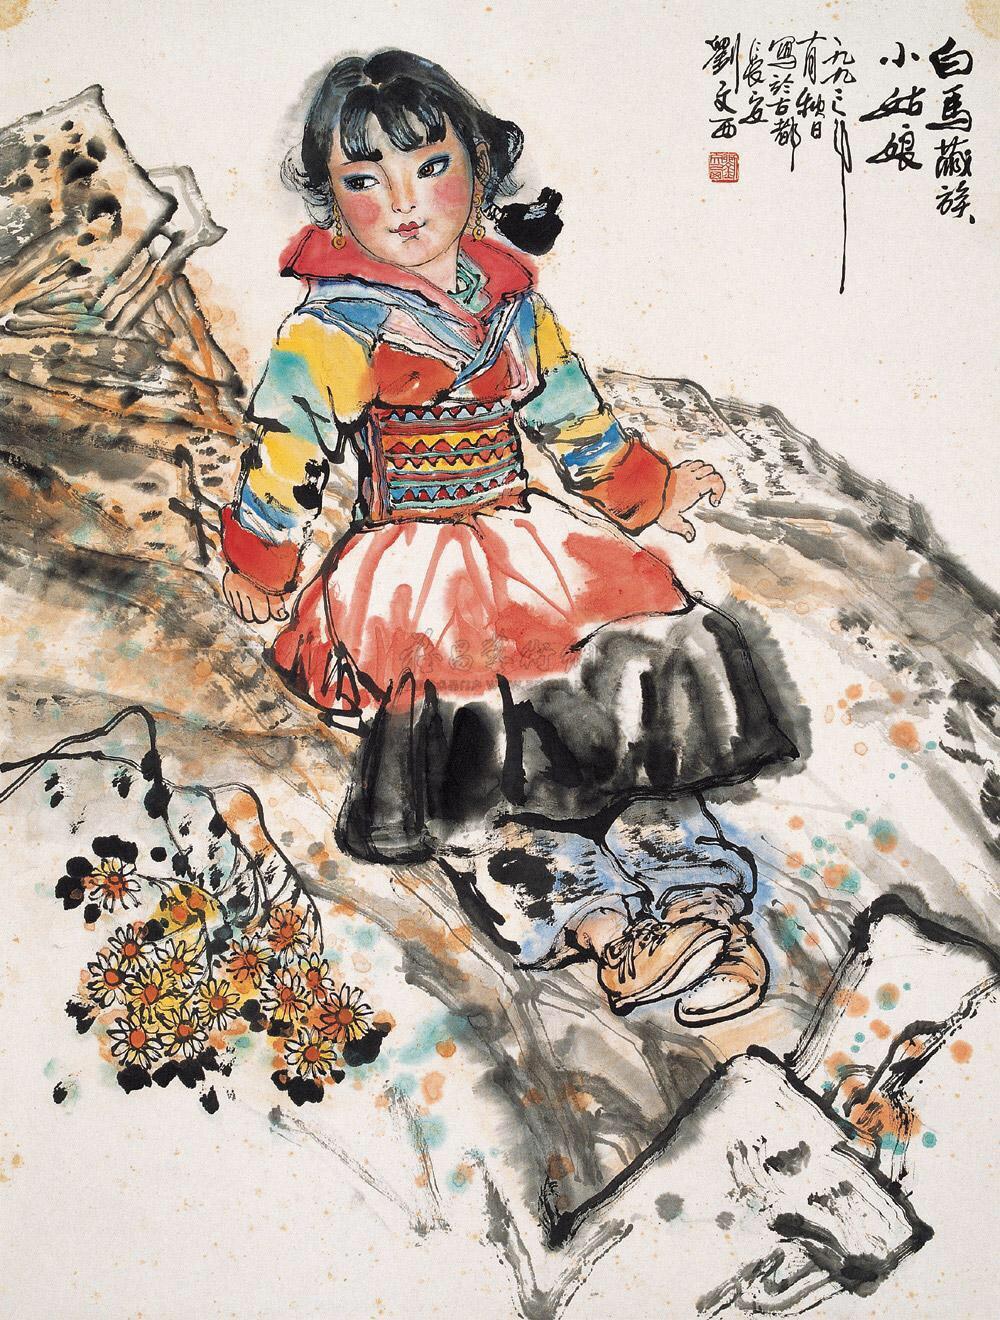 刘文西作品之白马藏族小姑娘